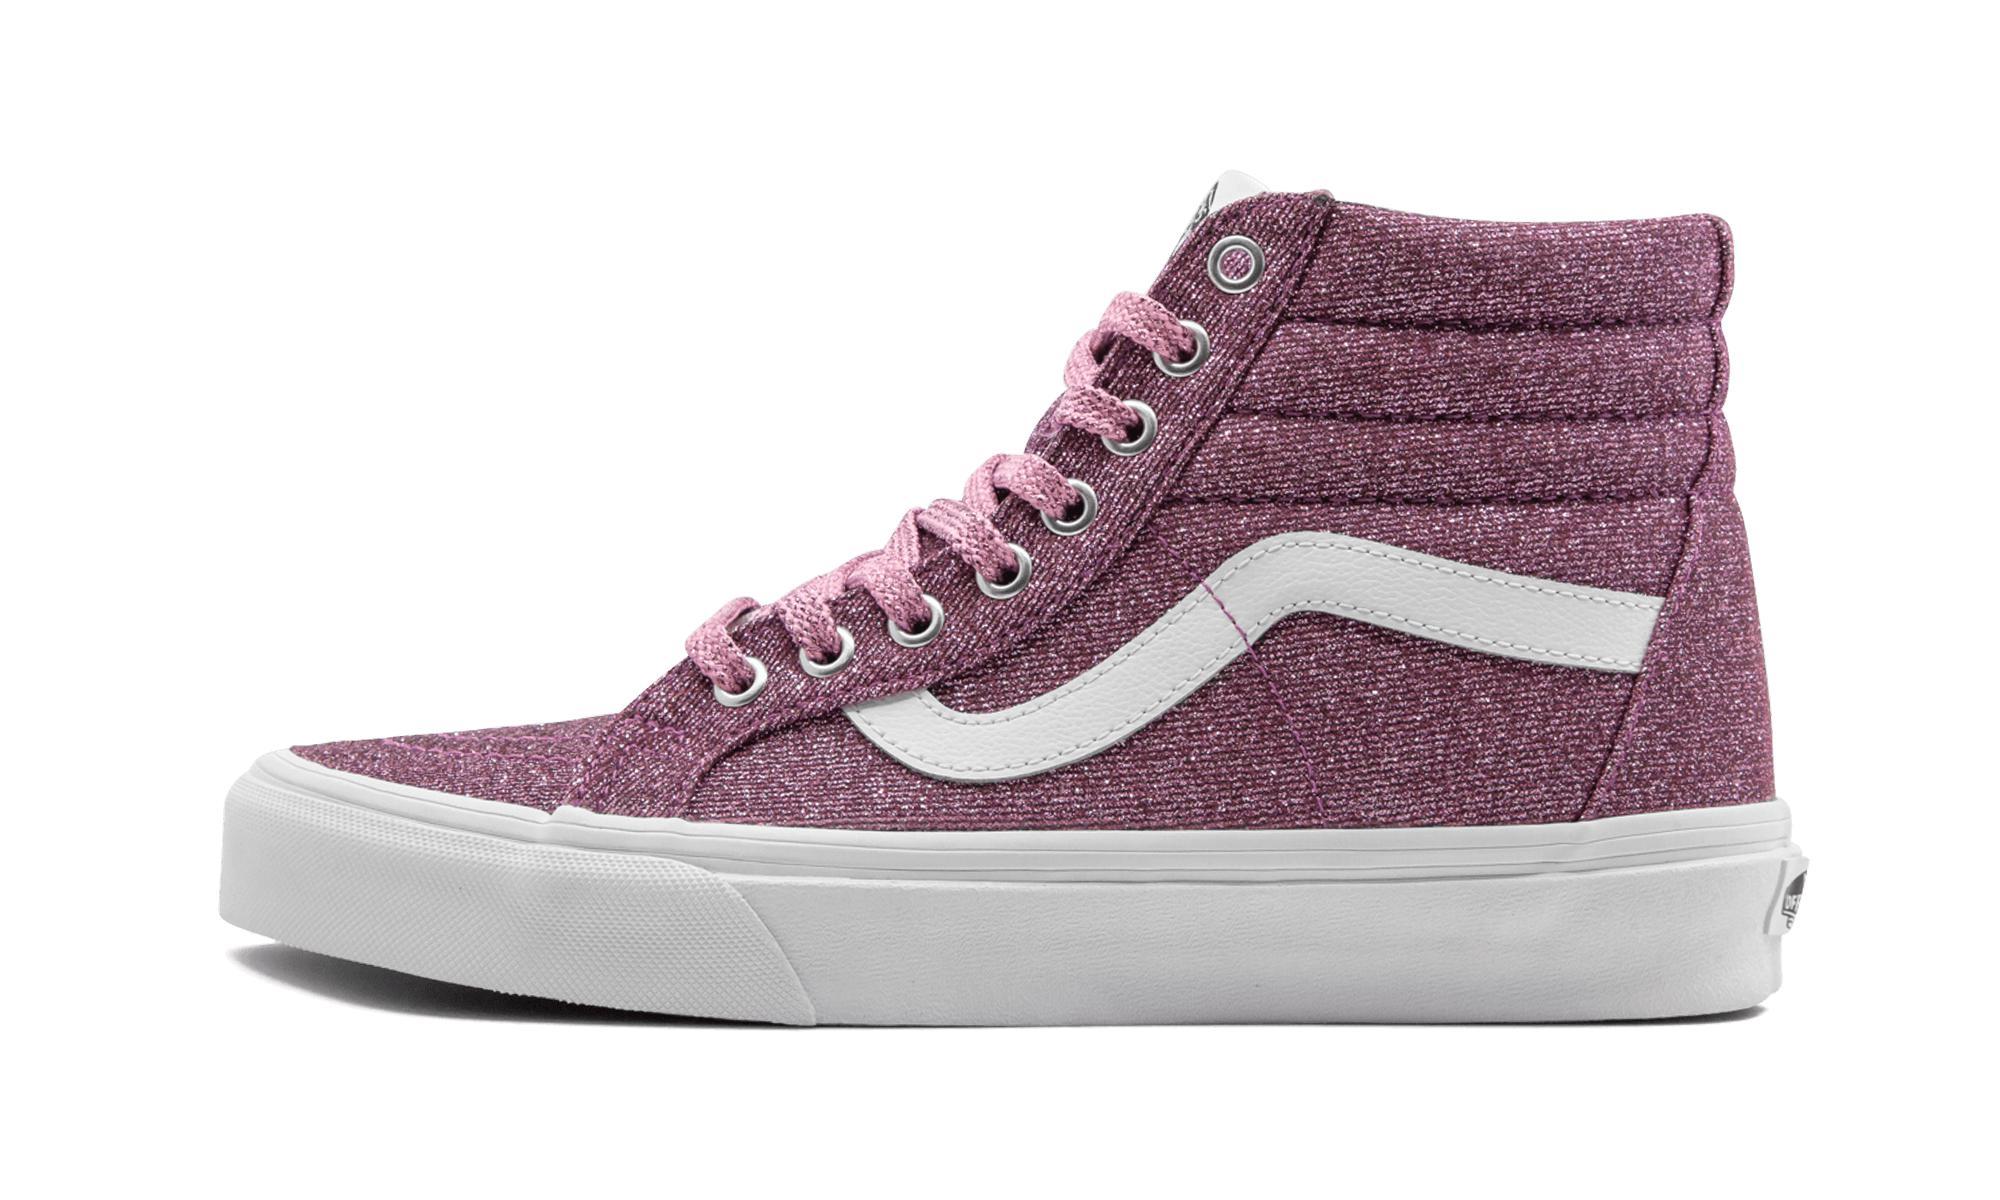 446d4324bc Vans Sk8-hi Reissue (lurex Glitter) in Pink - Lyst